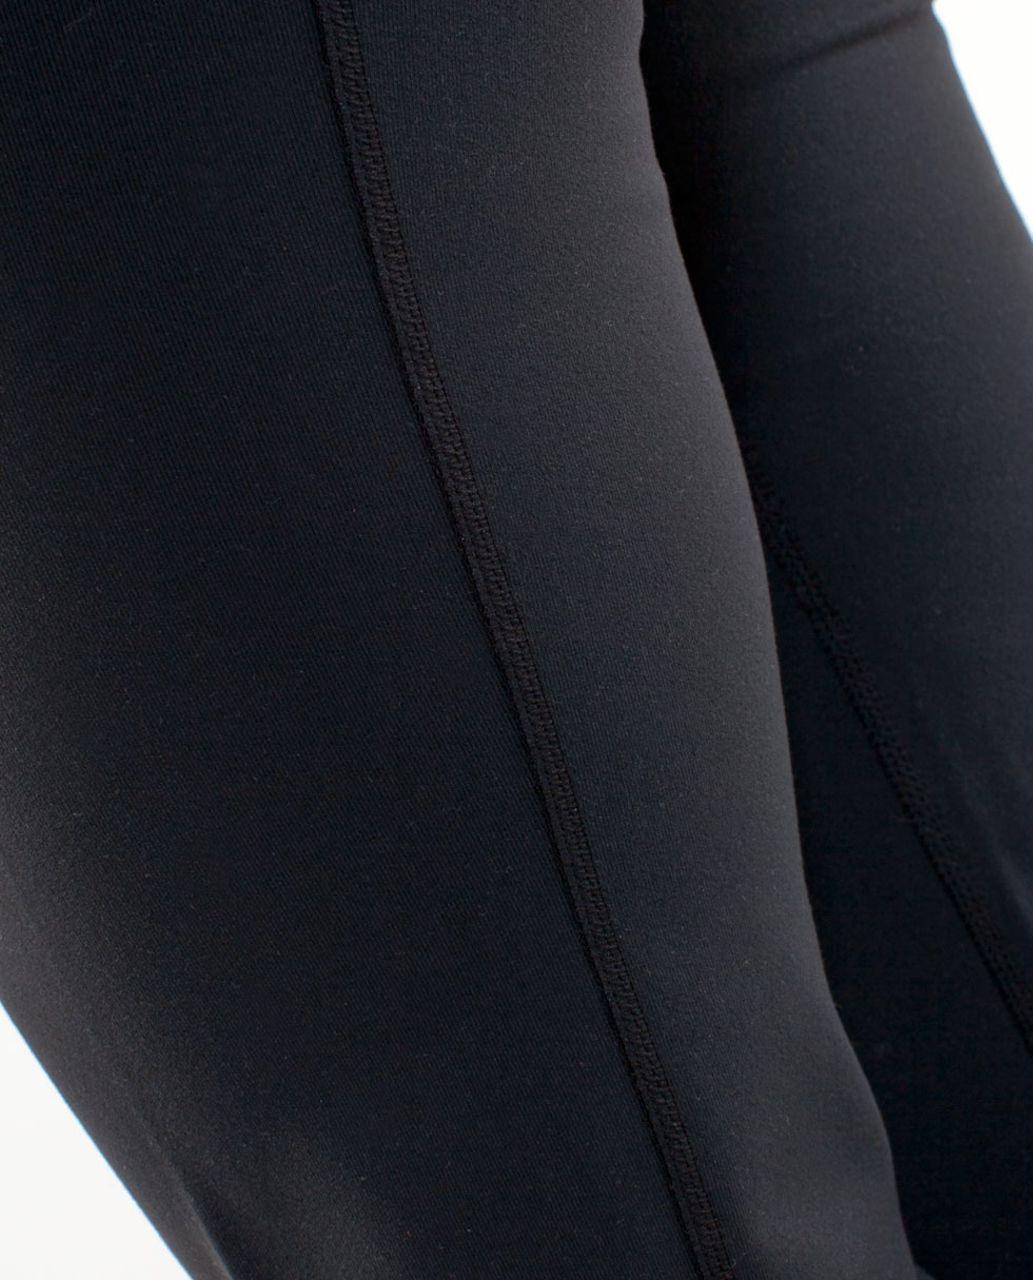 Lululemon Groove Pant (Tall) - Black /  Oasis /  River Rock